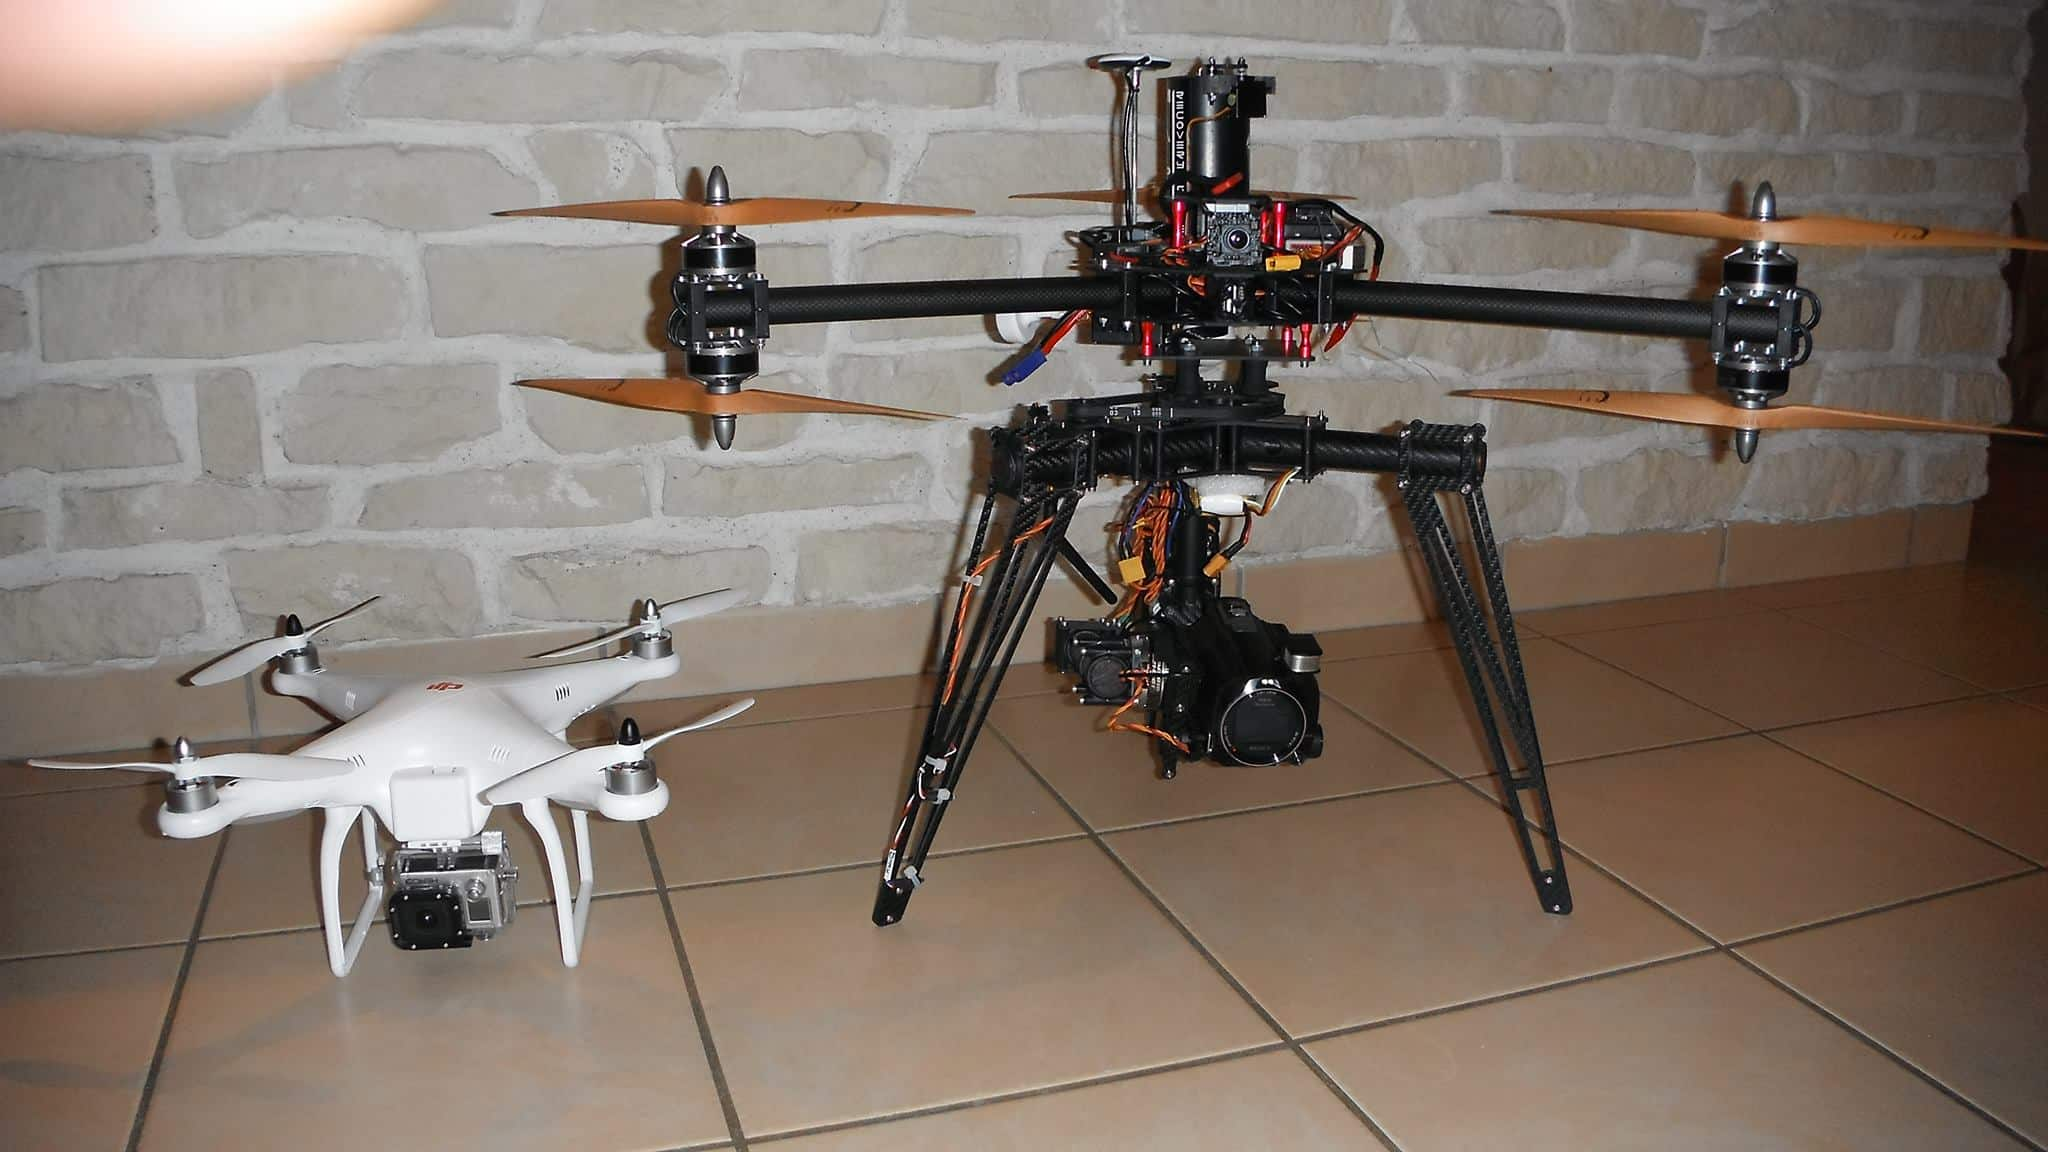 Promotion prix drone livraison, avis drone jjrc h36